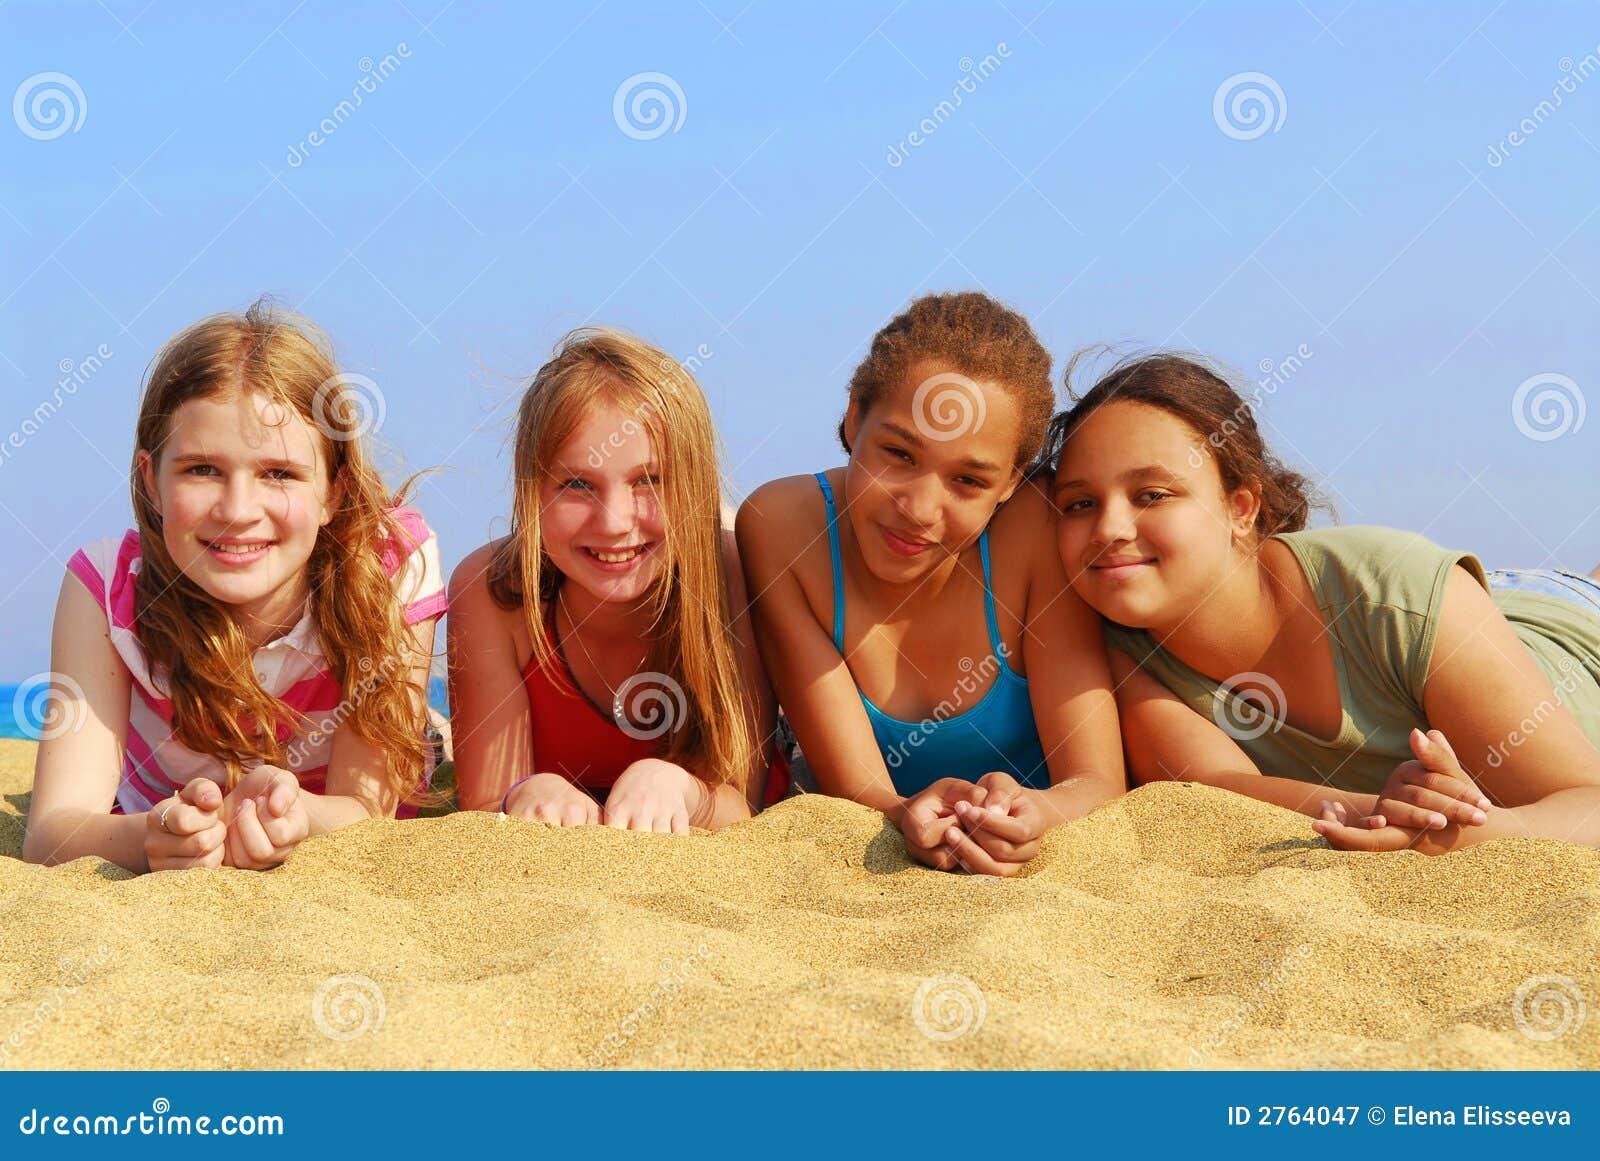 Фото девочки подростки нудистки 5 фотография